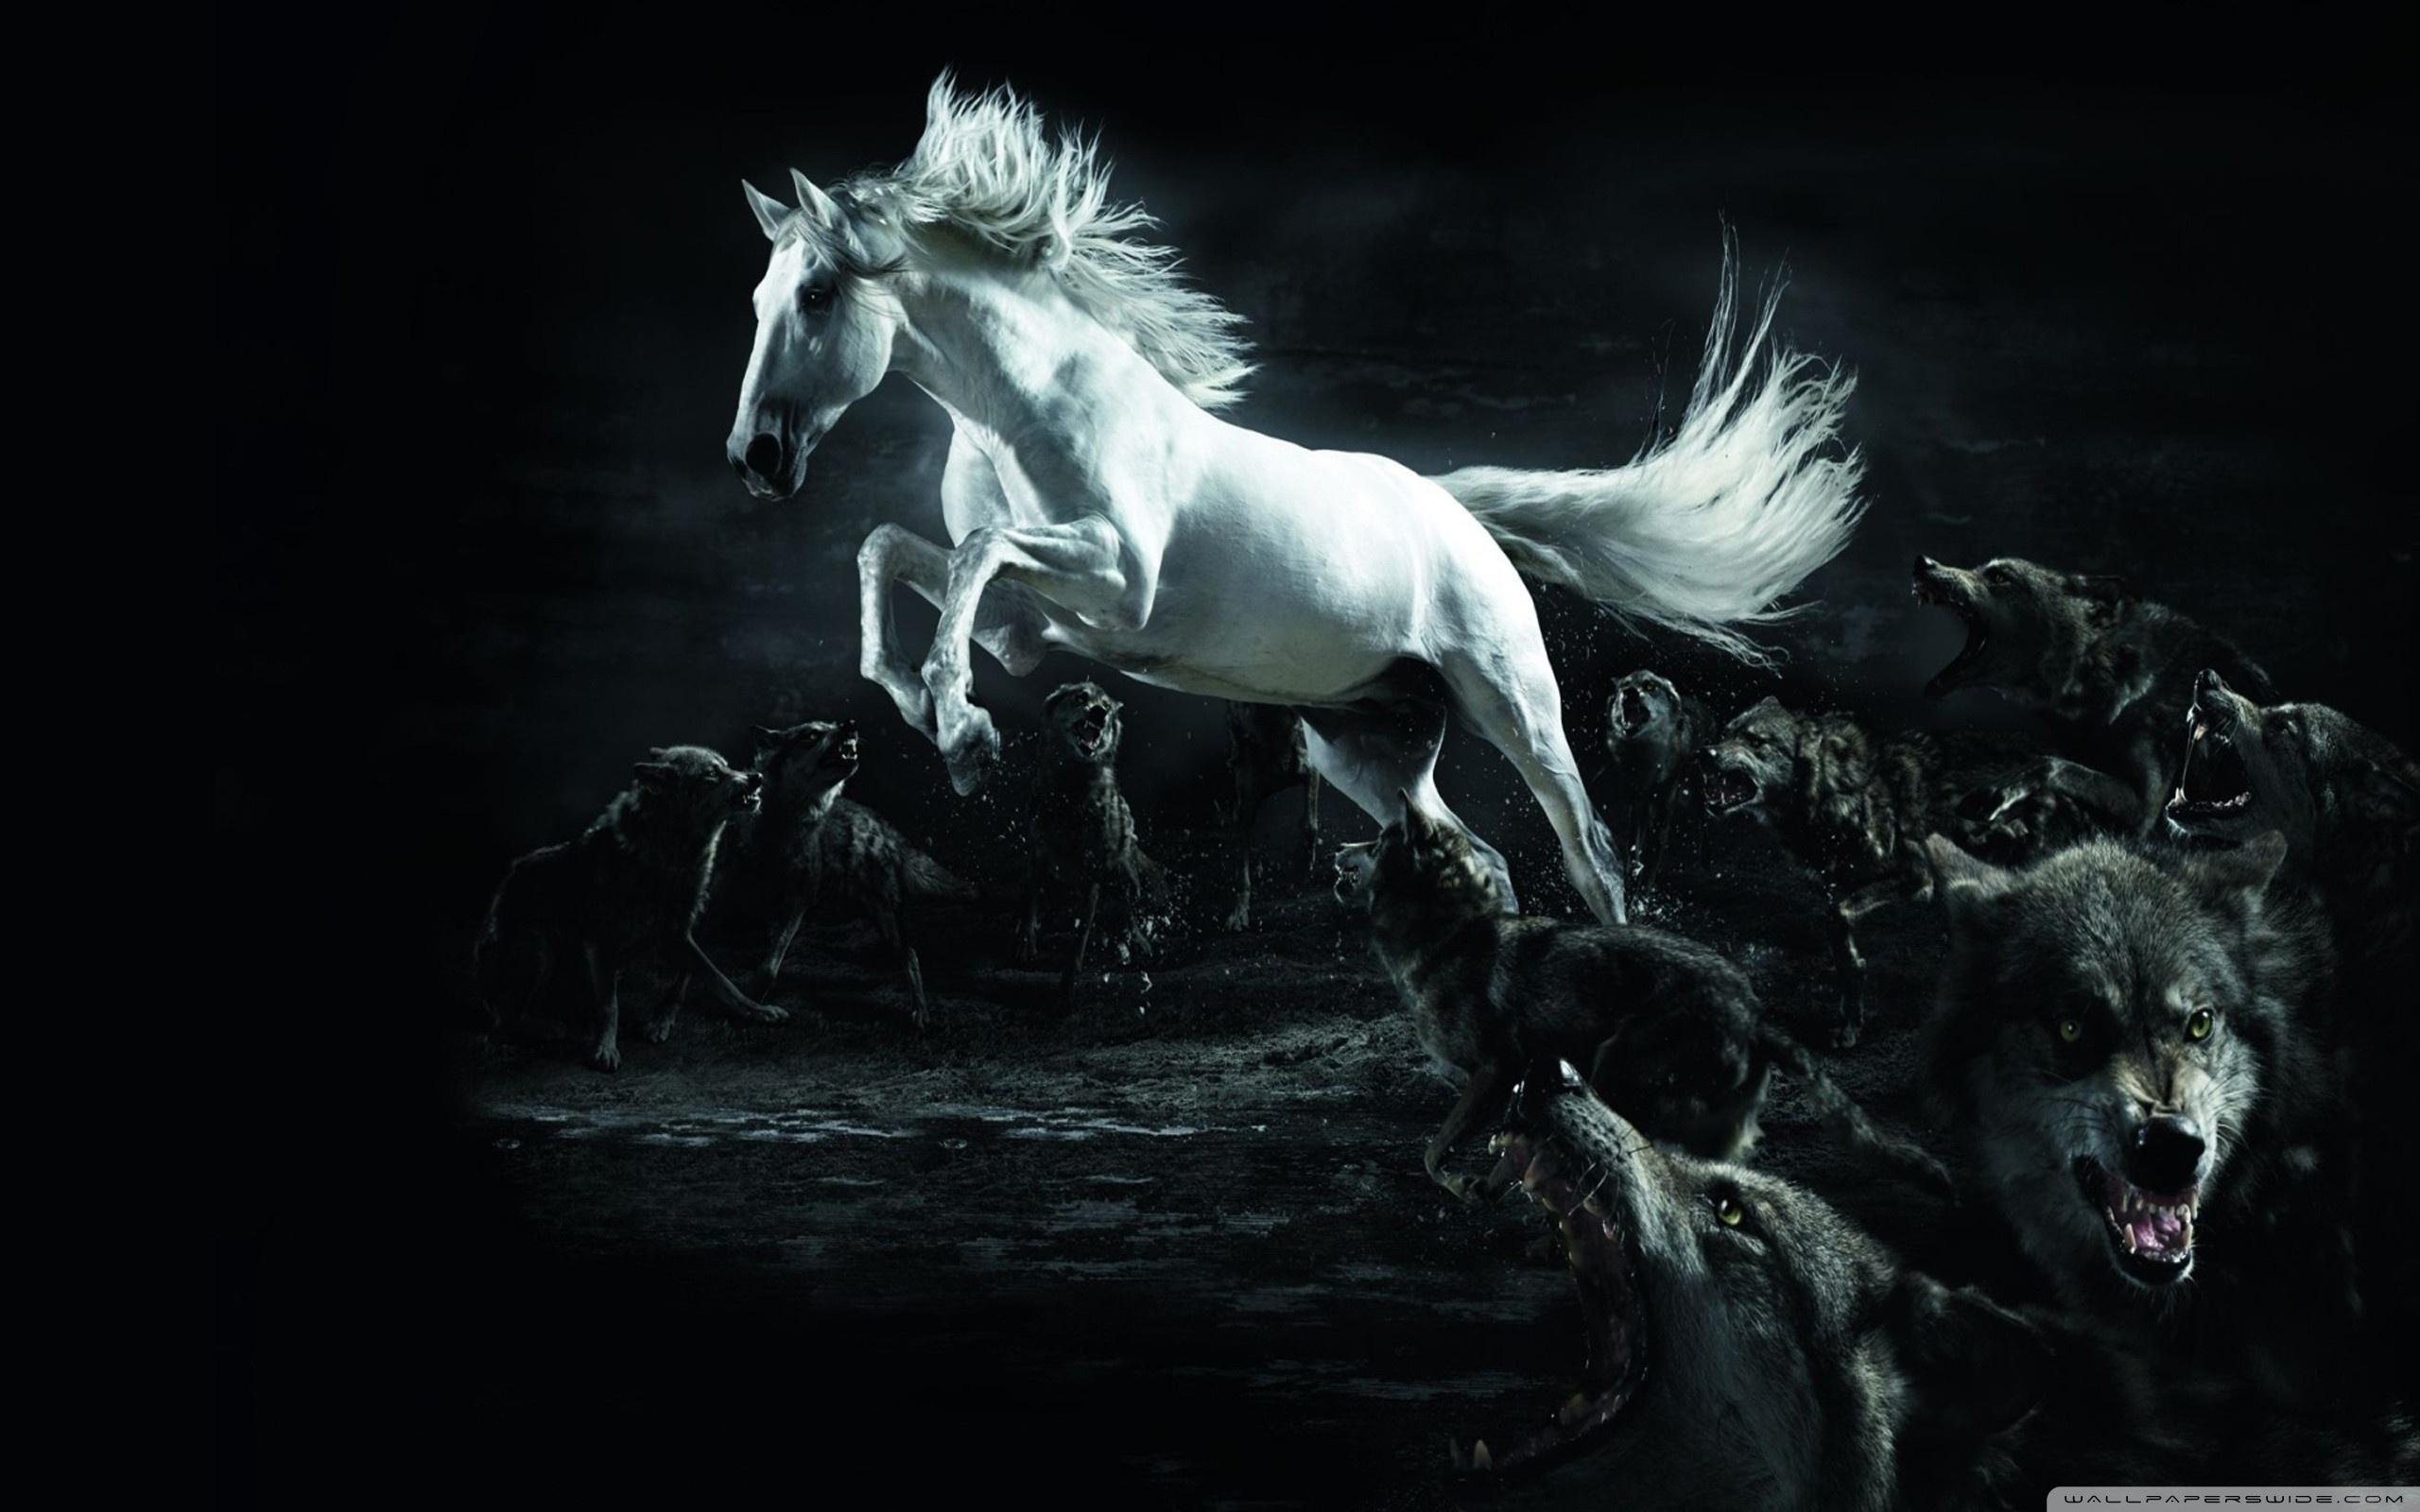 Horse Wolf Wallpaper High Definition Ultra Hd 3d Hd 129827 Hd Wallpaper Backgrounds Download